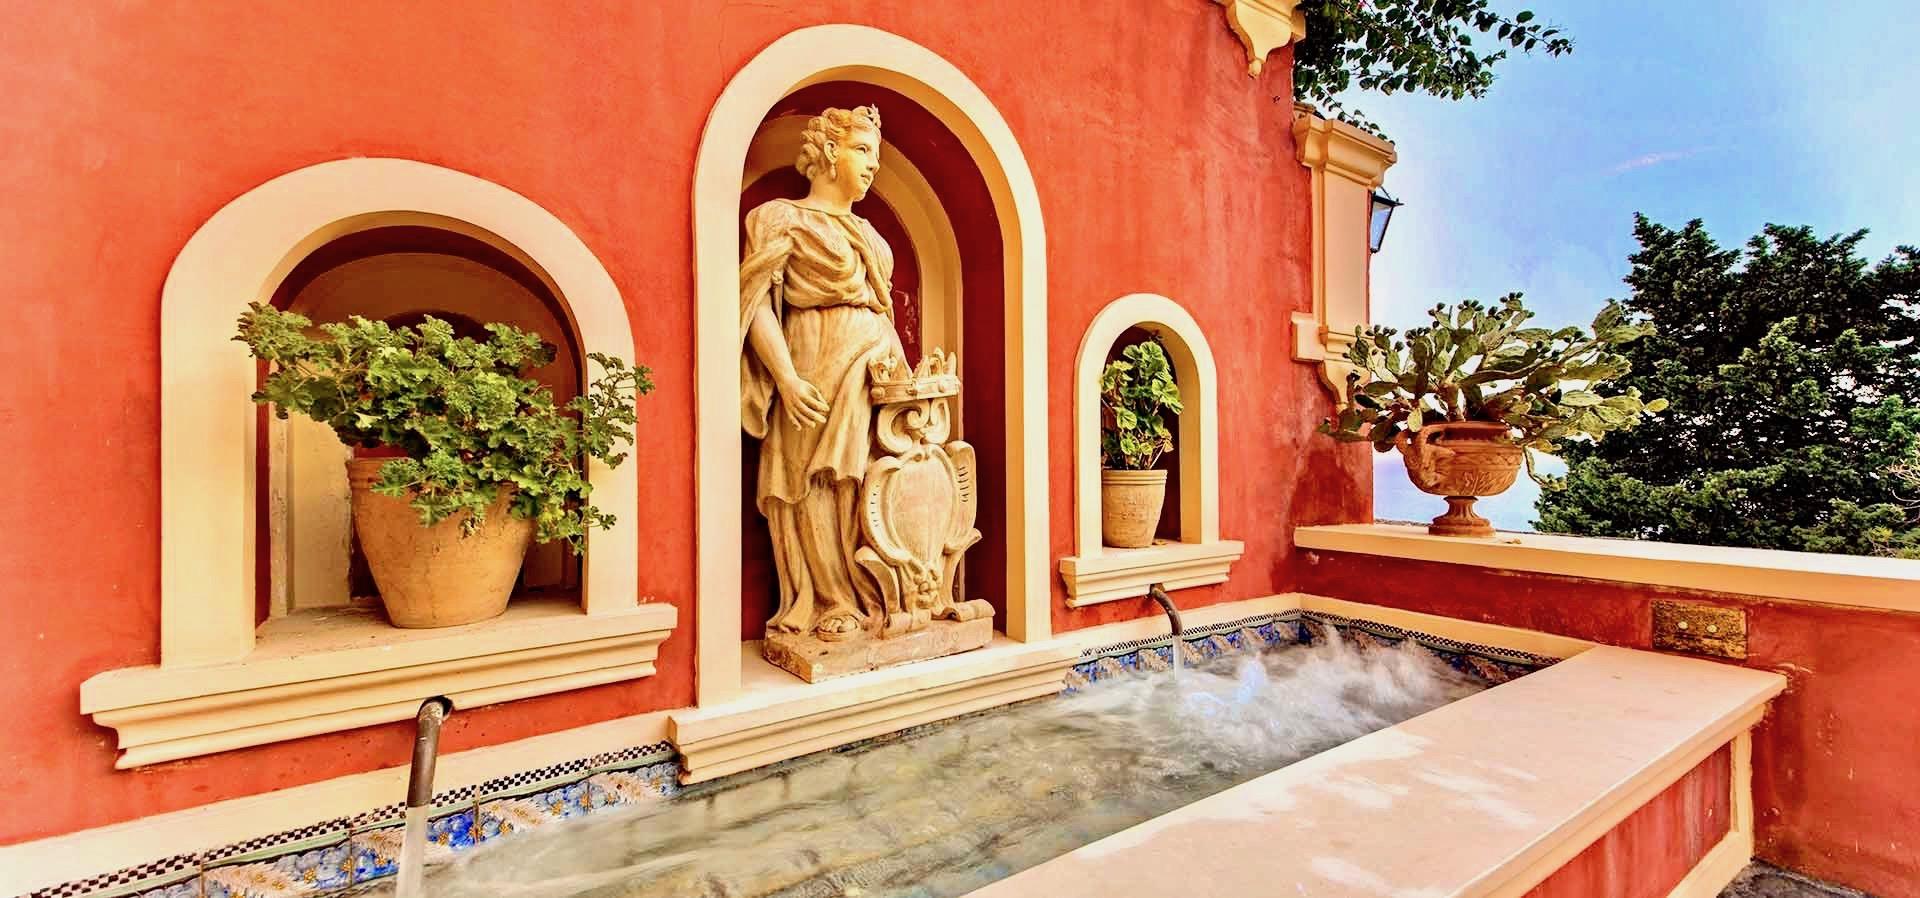 Antico Palazzo Itinere Villas 4